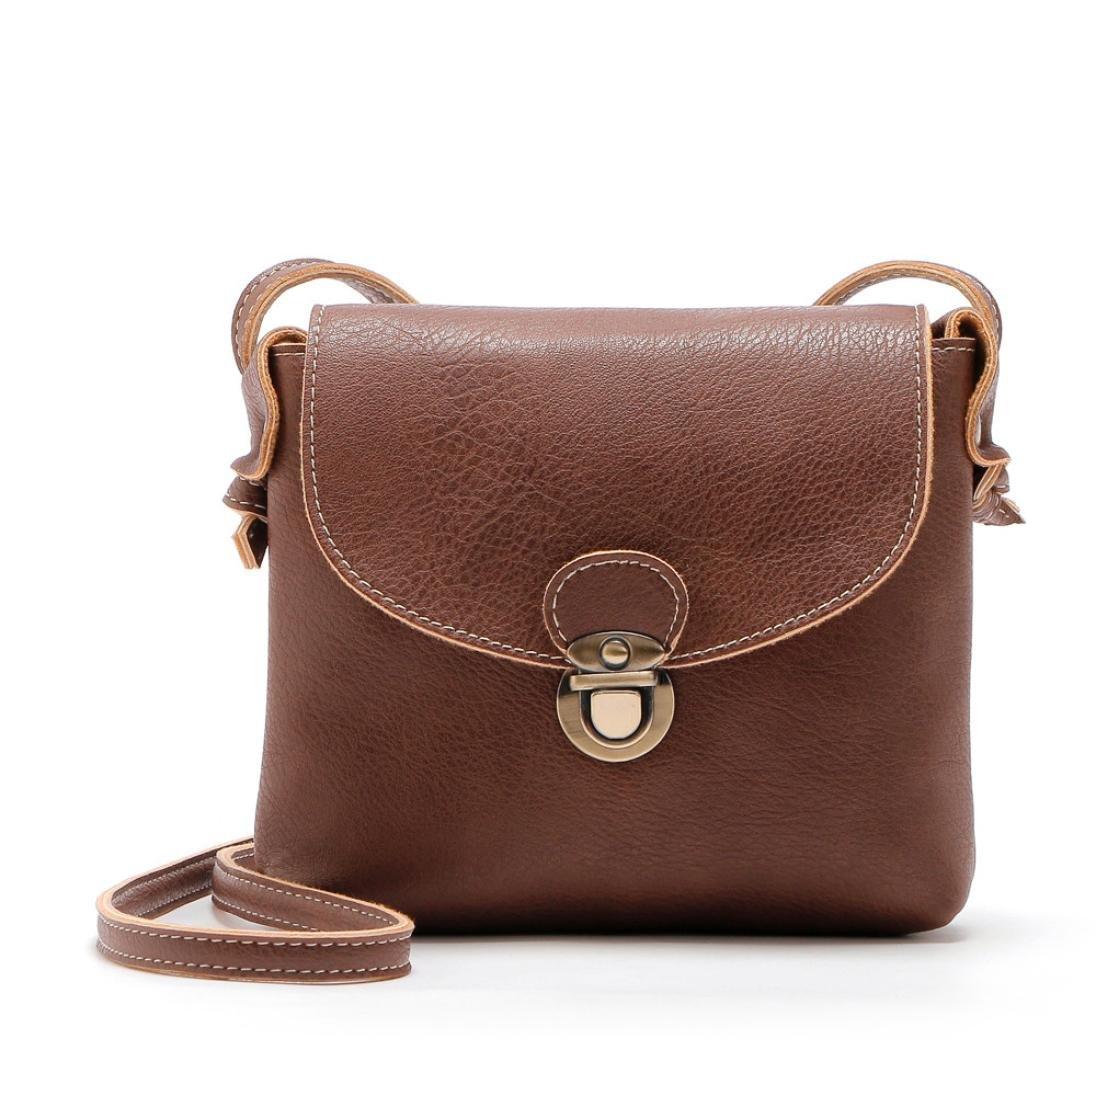 Vintage Women Handbag Shoulder Bag Tote Purse Messenger Hobo Satchel Crossbody